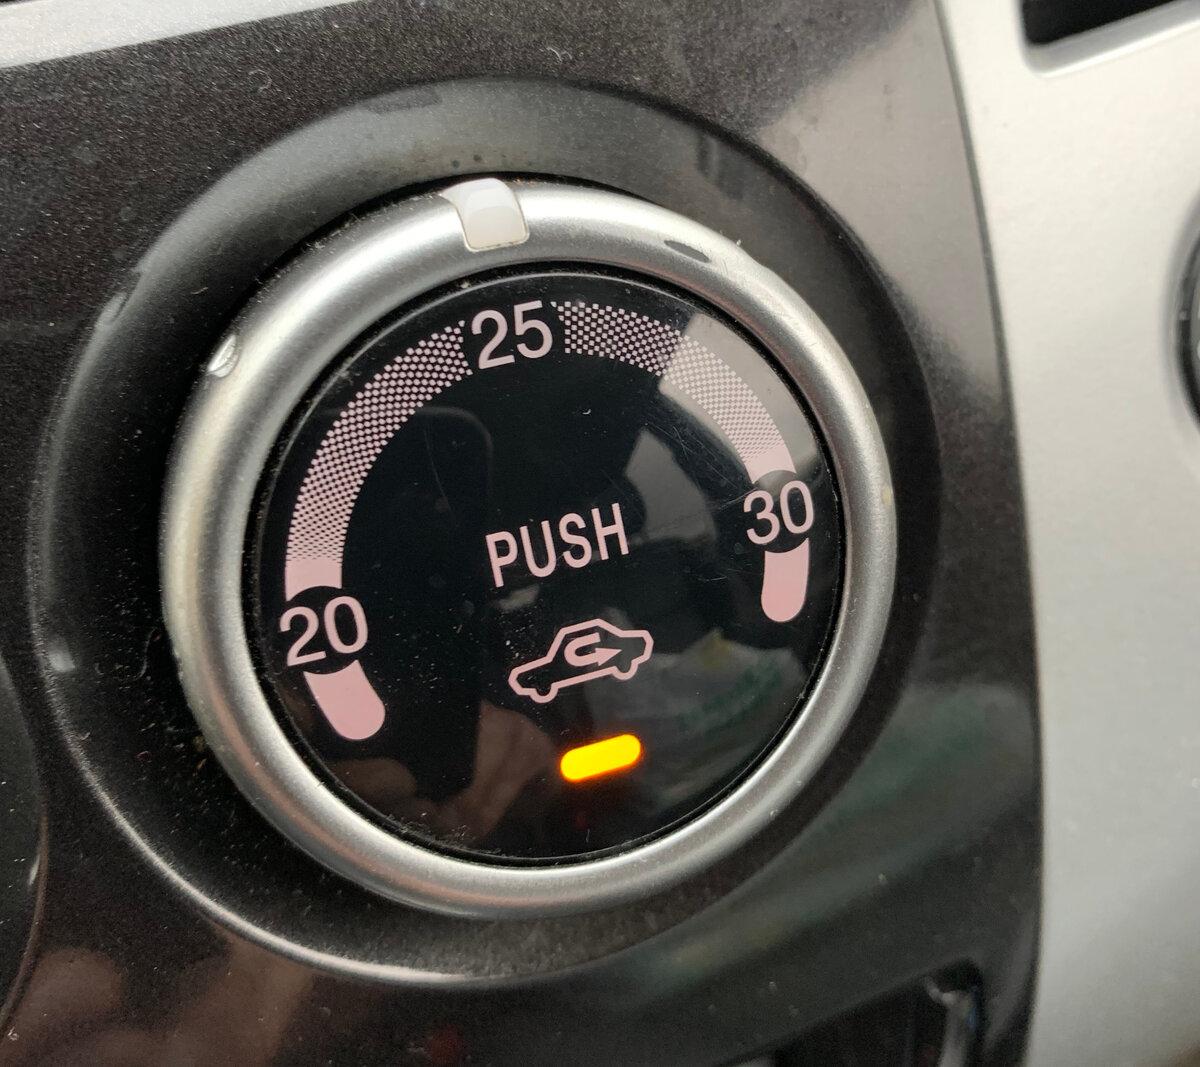 Рециркуляция воздуха : для чего она необходима в автомобиле